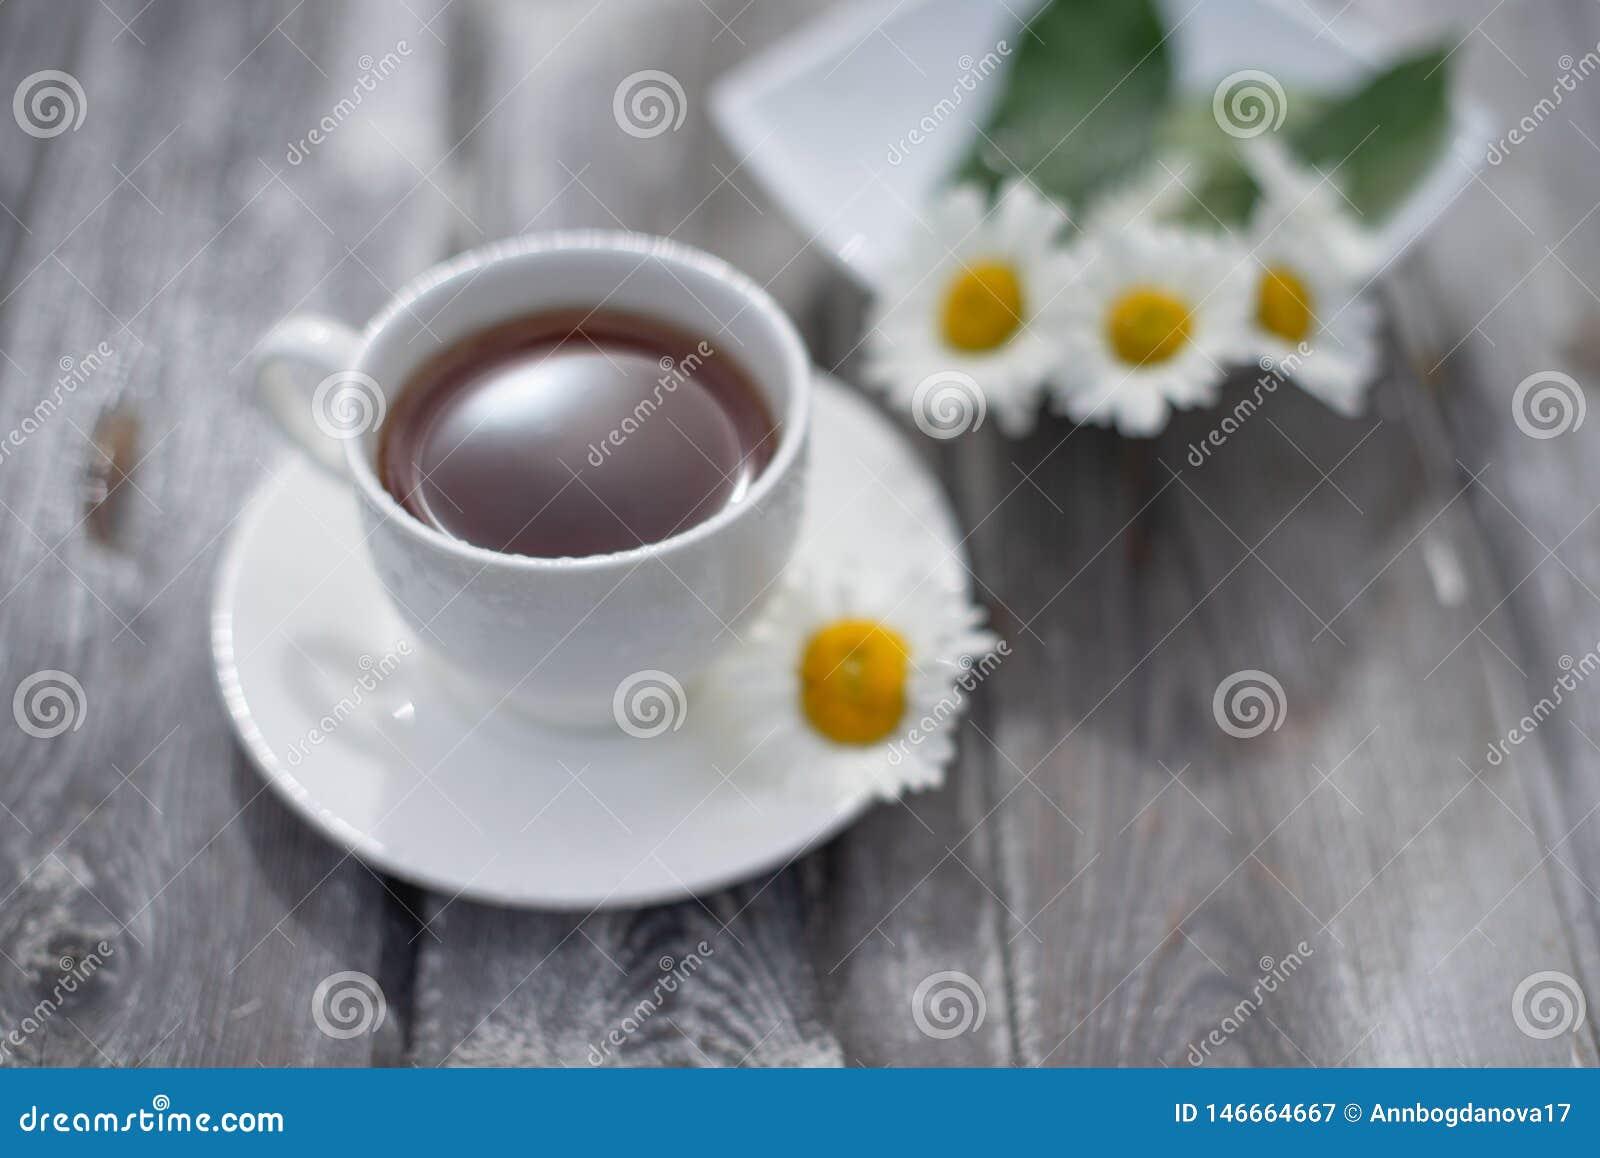 Th? dans une tasse blanche sur une table en bois Marguerites sur la table